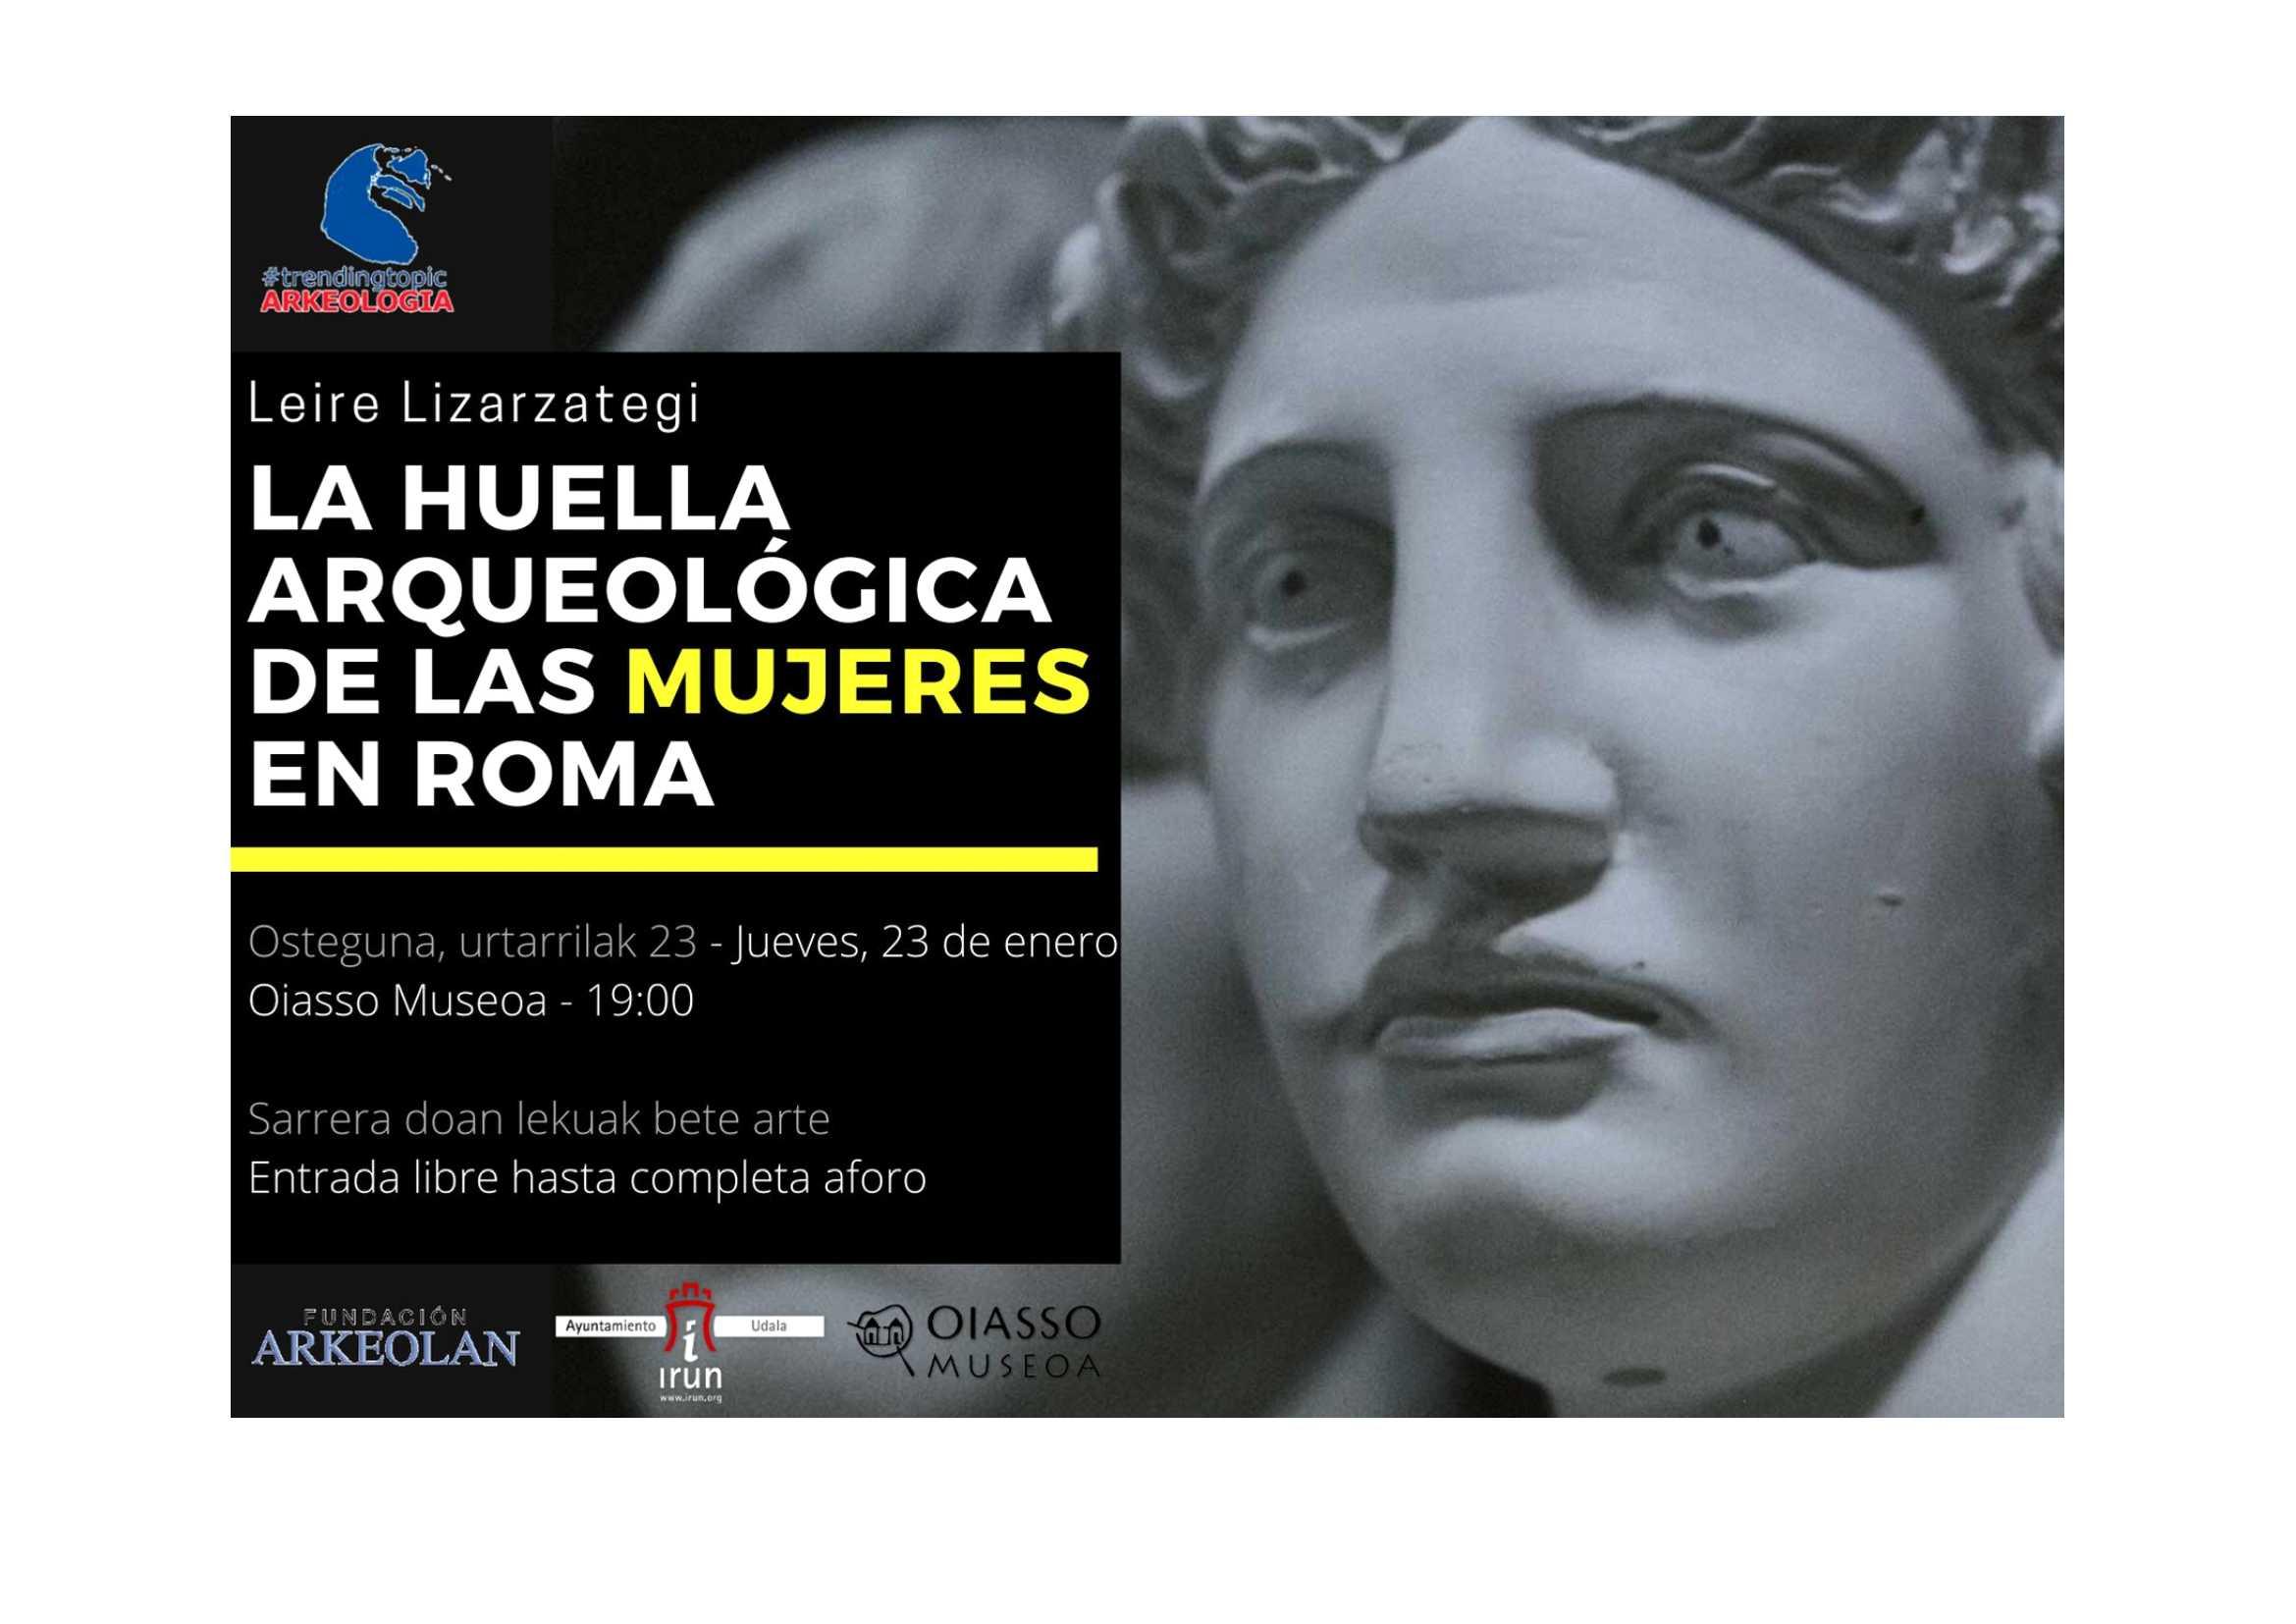 LAS MUJERES EN ROMA